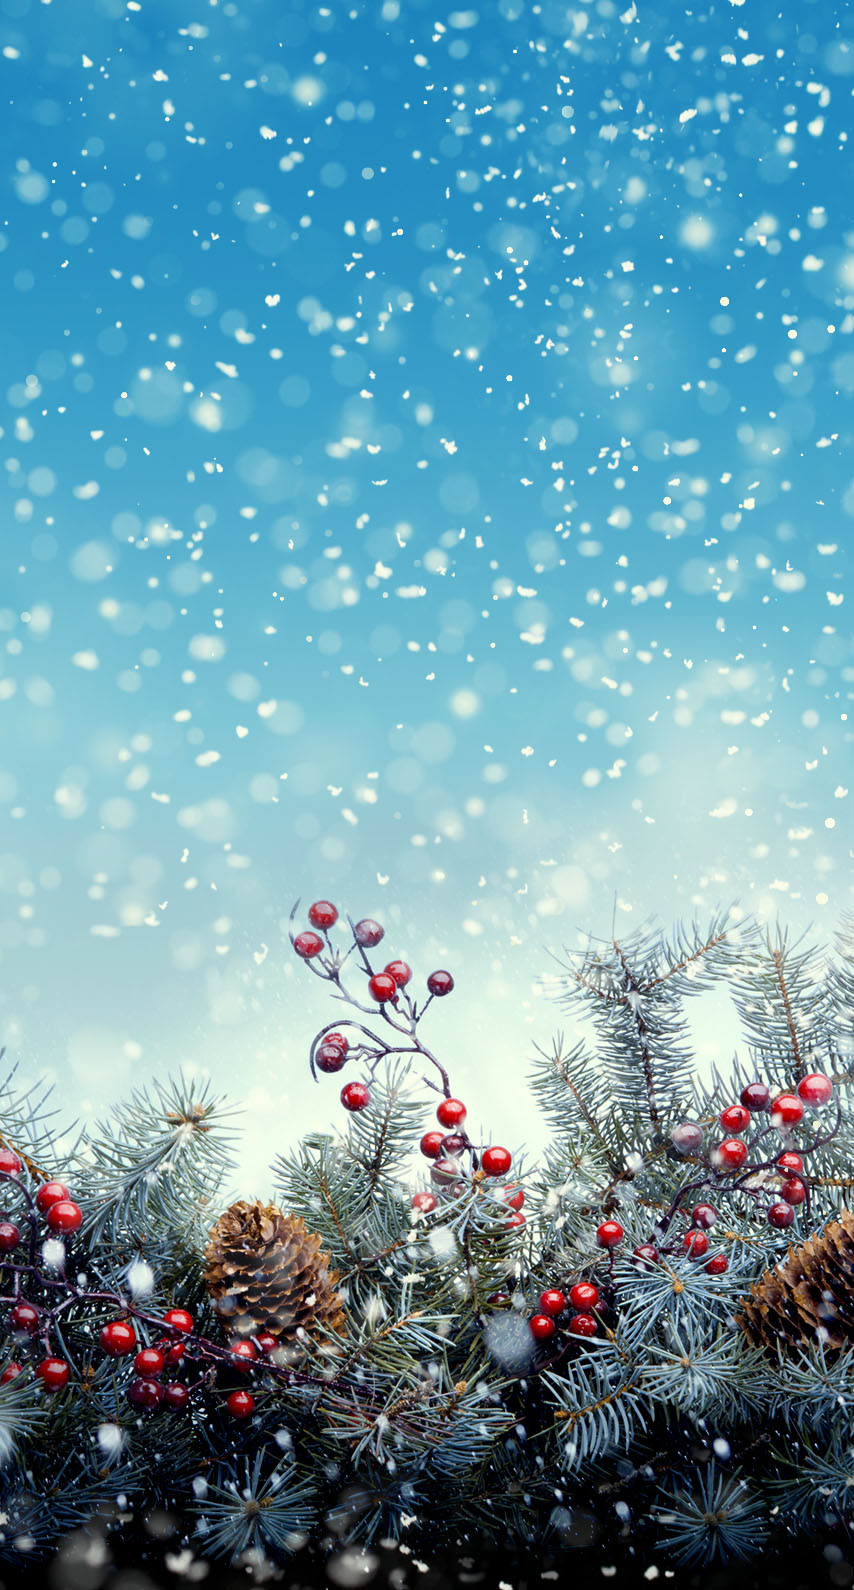 Holiday Wallpaper Christmas phone wallpaper, Wallpaper